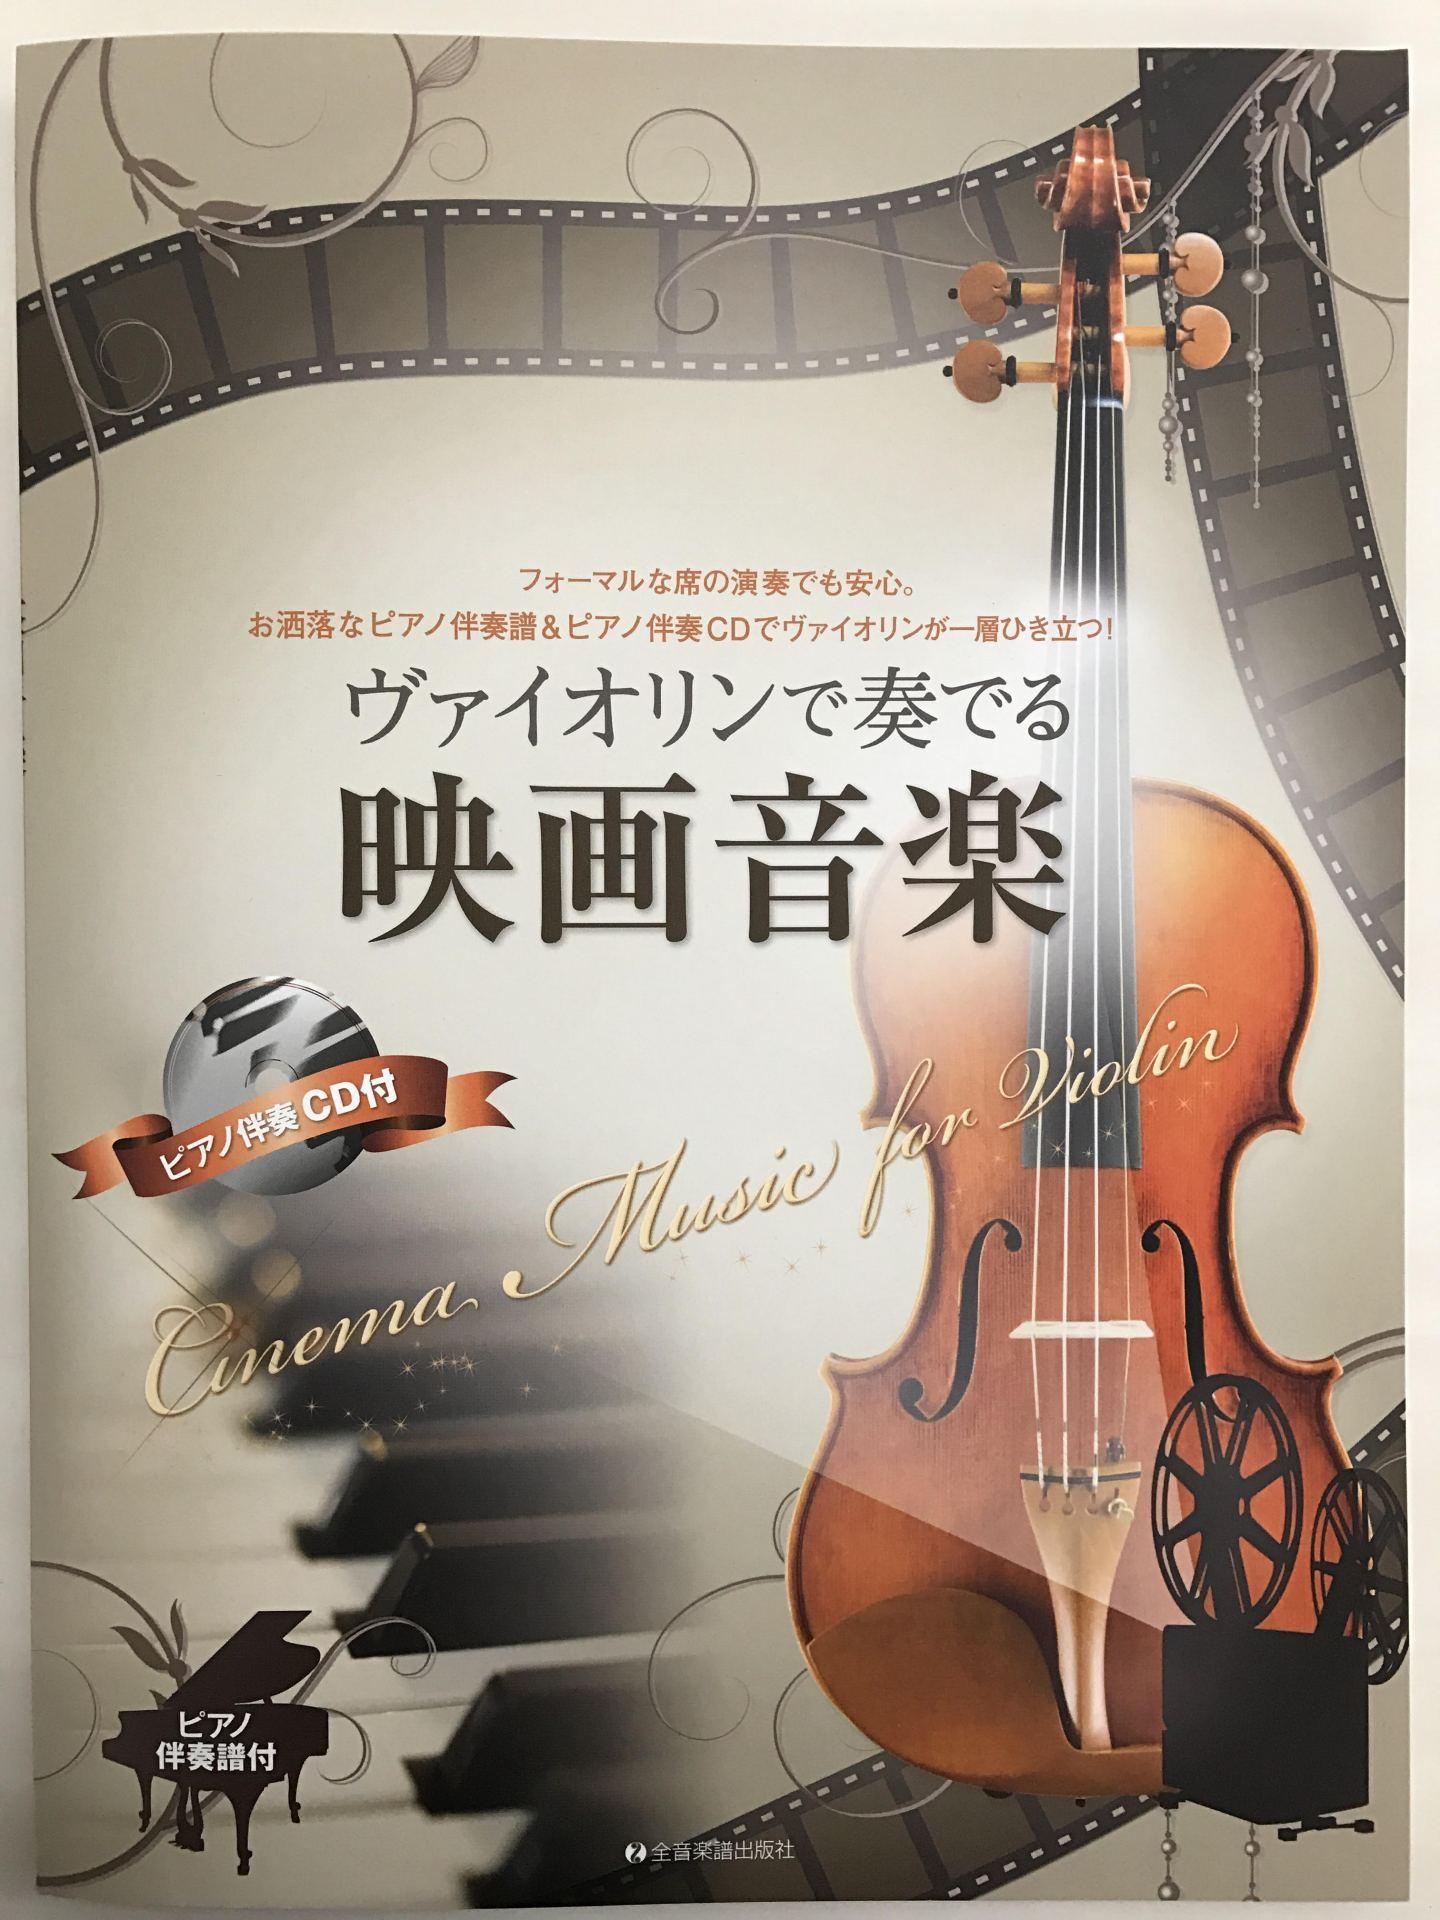 ヴァイオリンで奏でる映画音楽